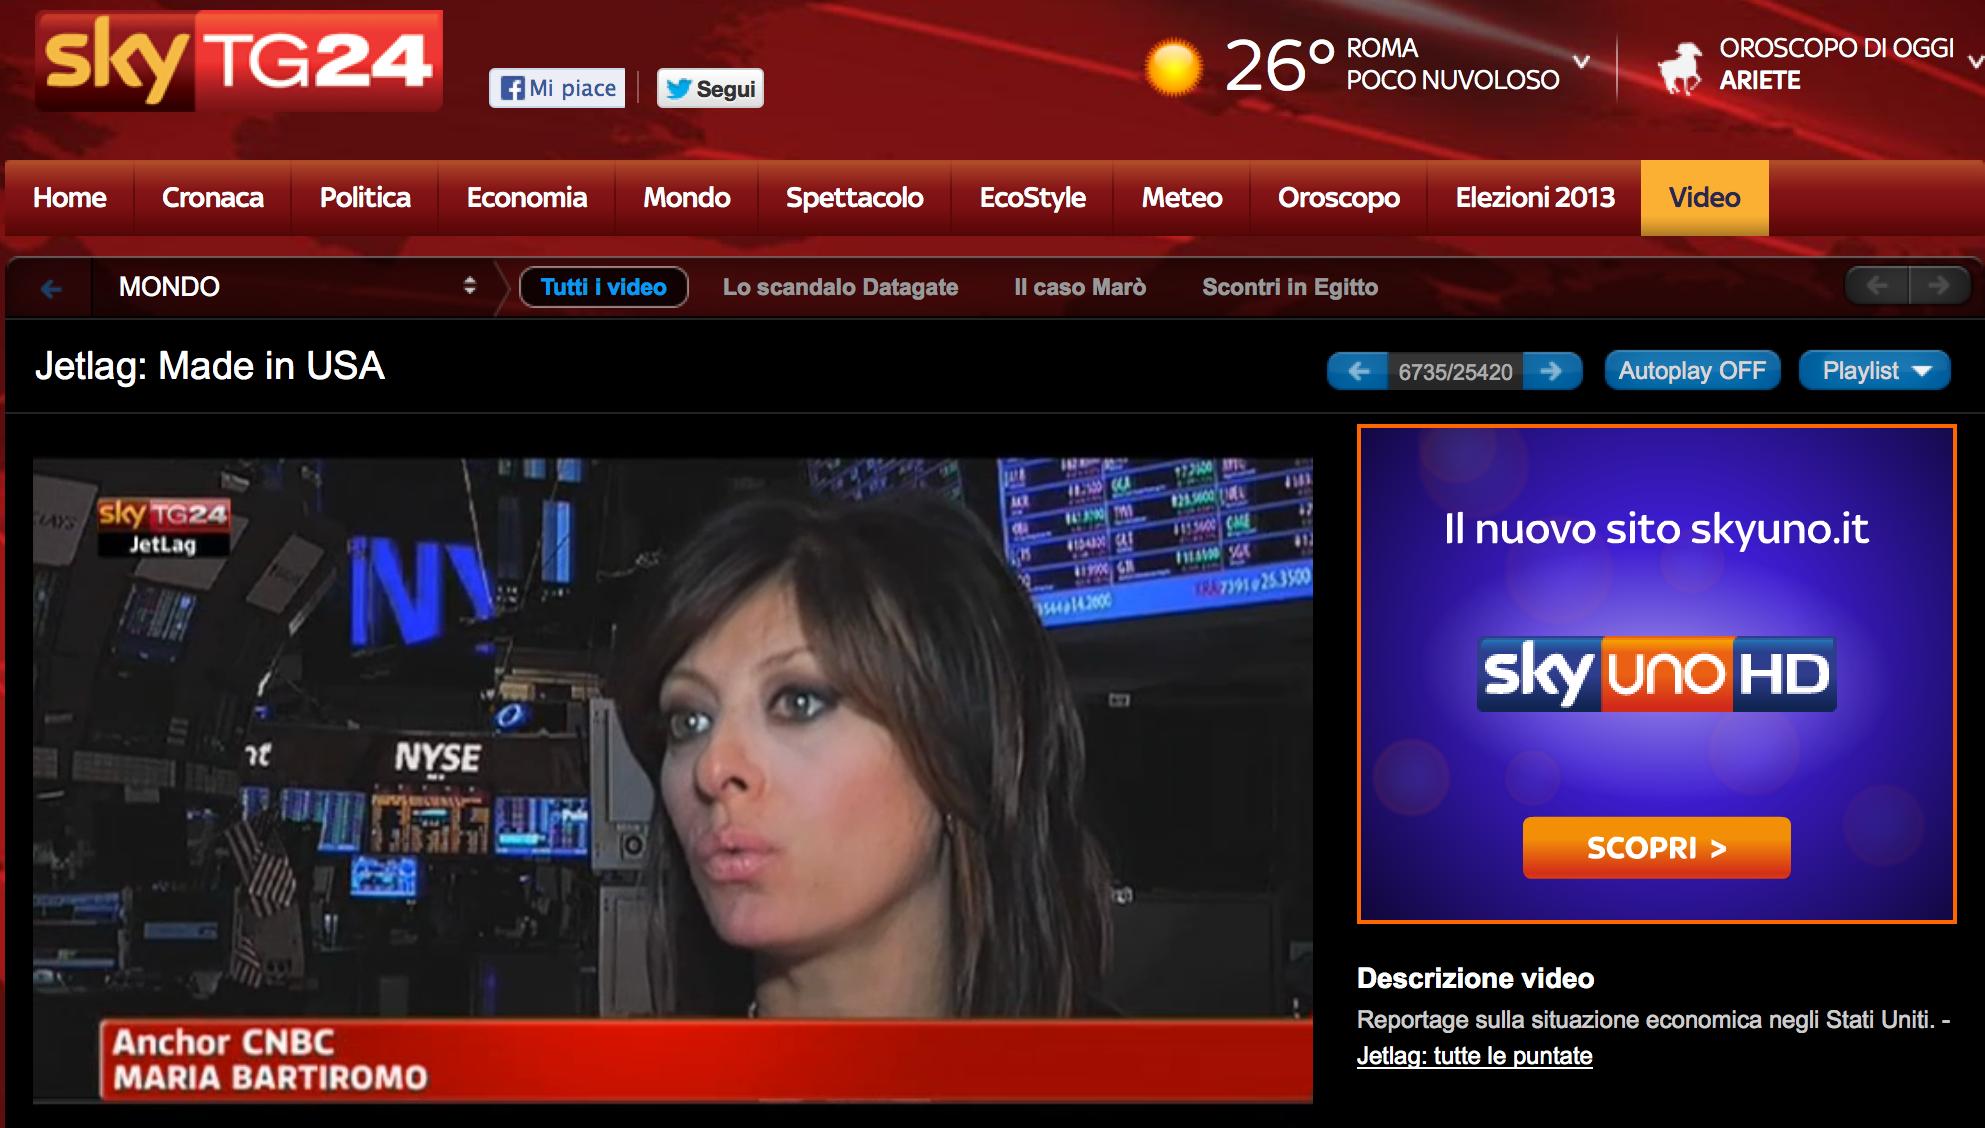 Screen Shot 2013-08-24 at 4.08.27 PM.png